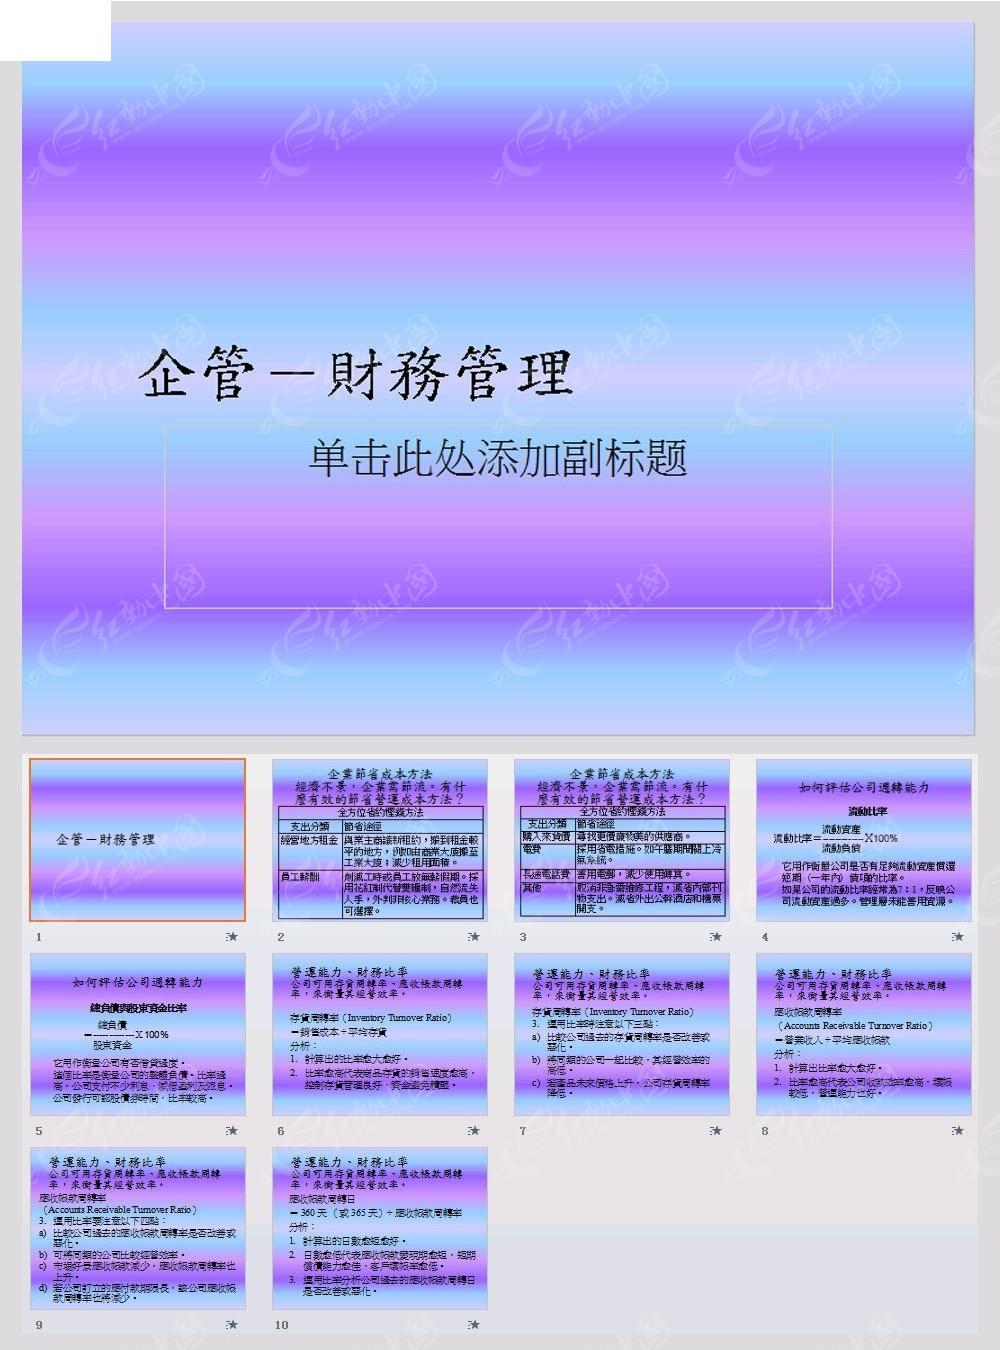 财务管理ppt模板免费下载_金融理财素材图片